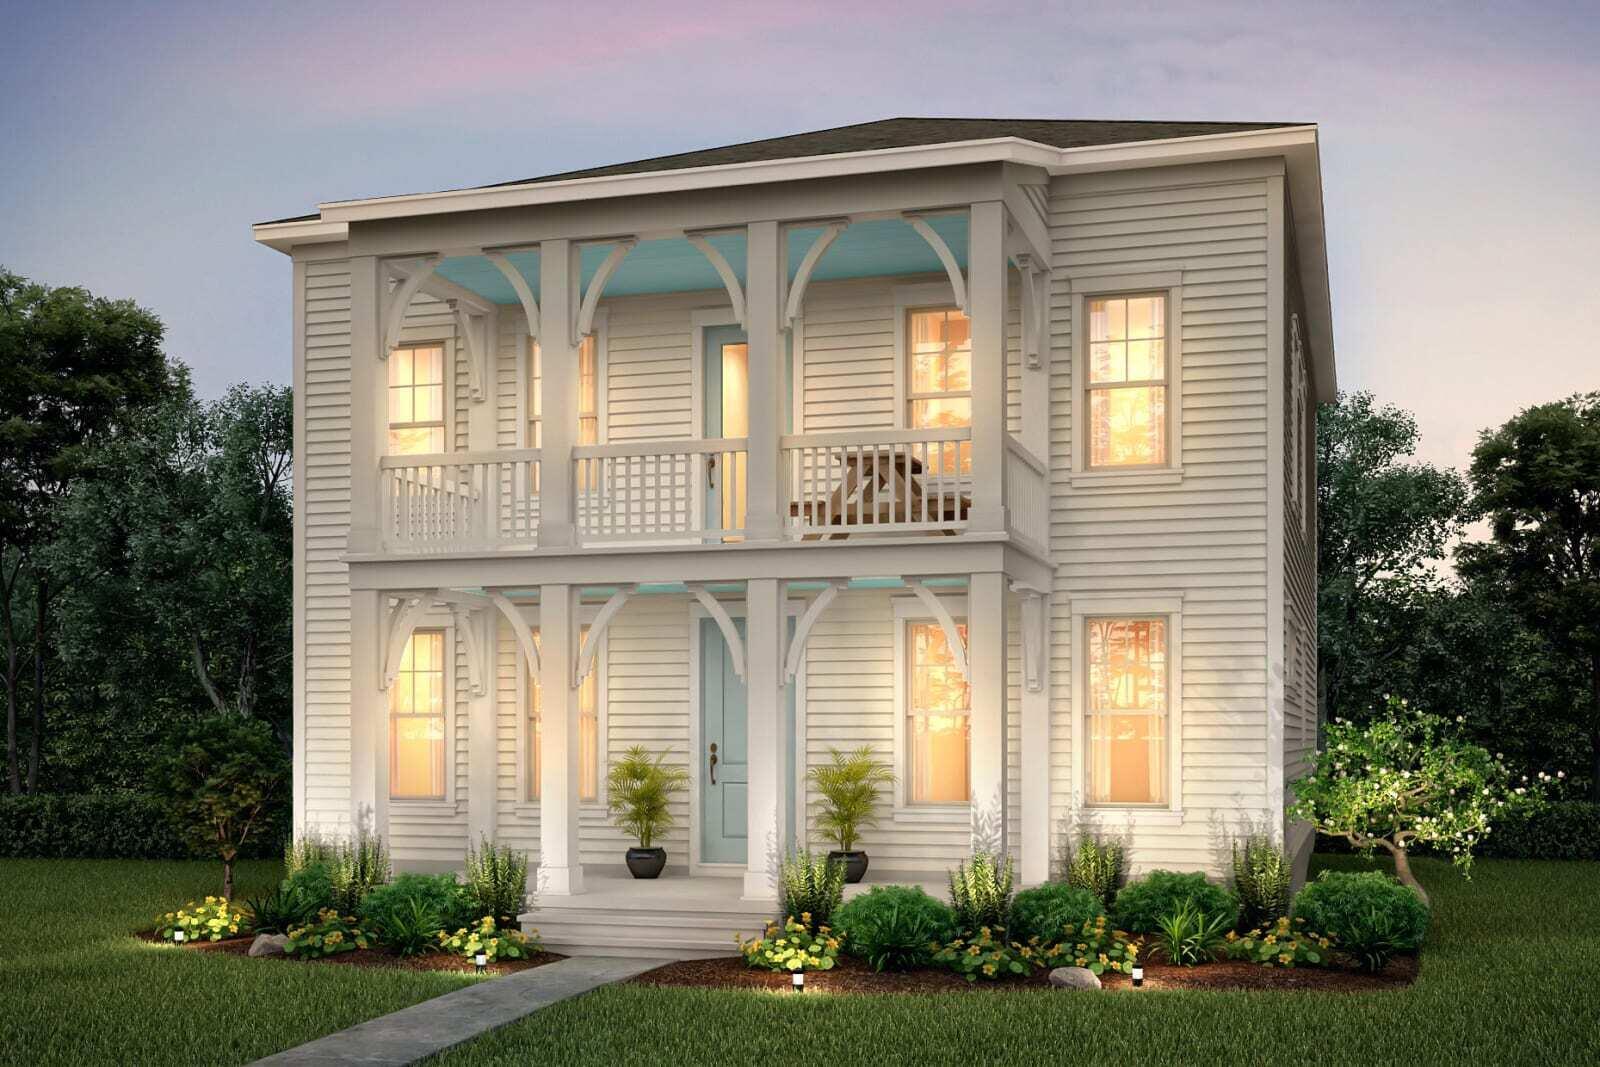 118 Philips Park Street, Summerville, 29486, 4 Bedrooms Bedrooms, ,3 BathroomsBathrooms,For Sale,Philips Park,21019834